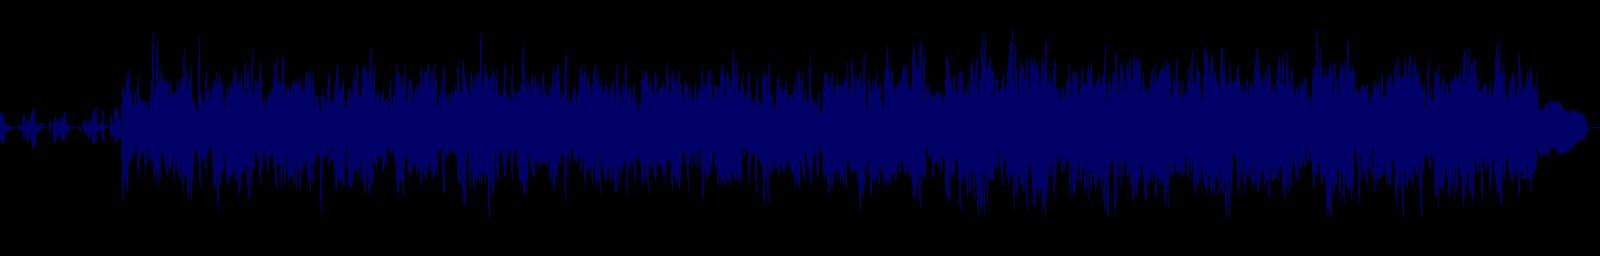 waveform of track #137795